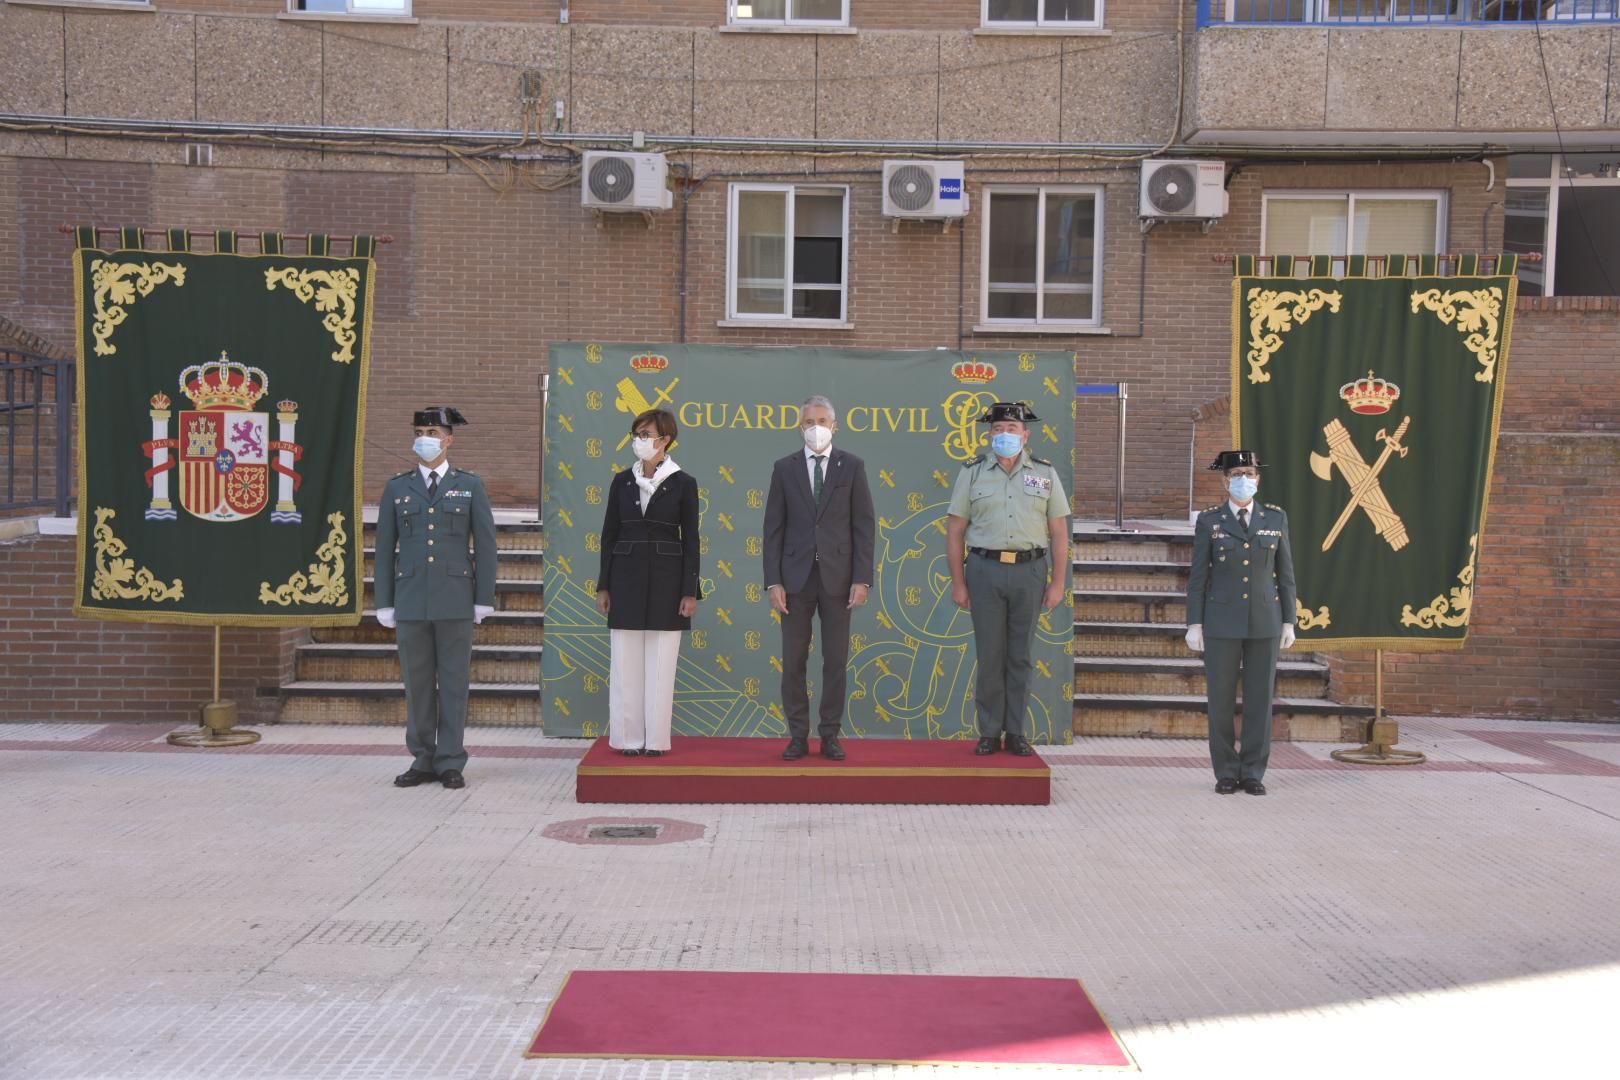 Grande-Marlaska preside la toma de posesión de la nueva jefa de la Comandancia de la Guardia Civil en Guadalajara